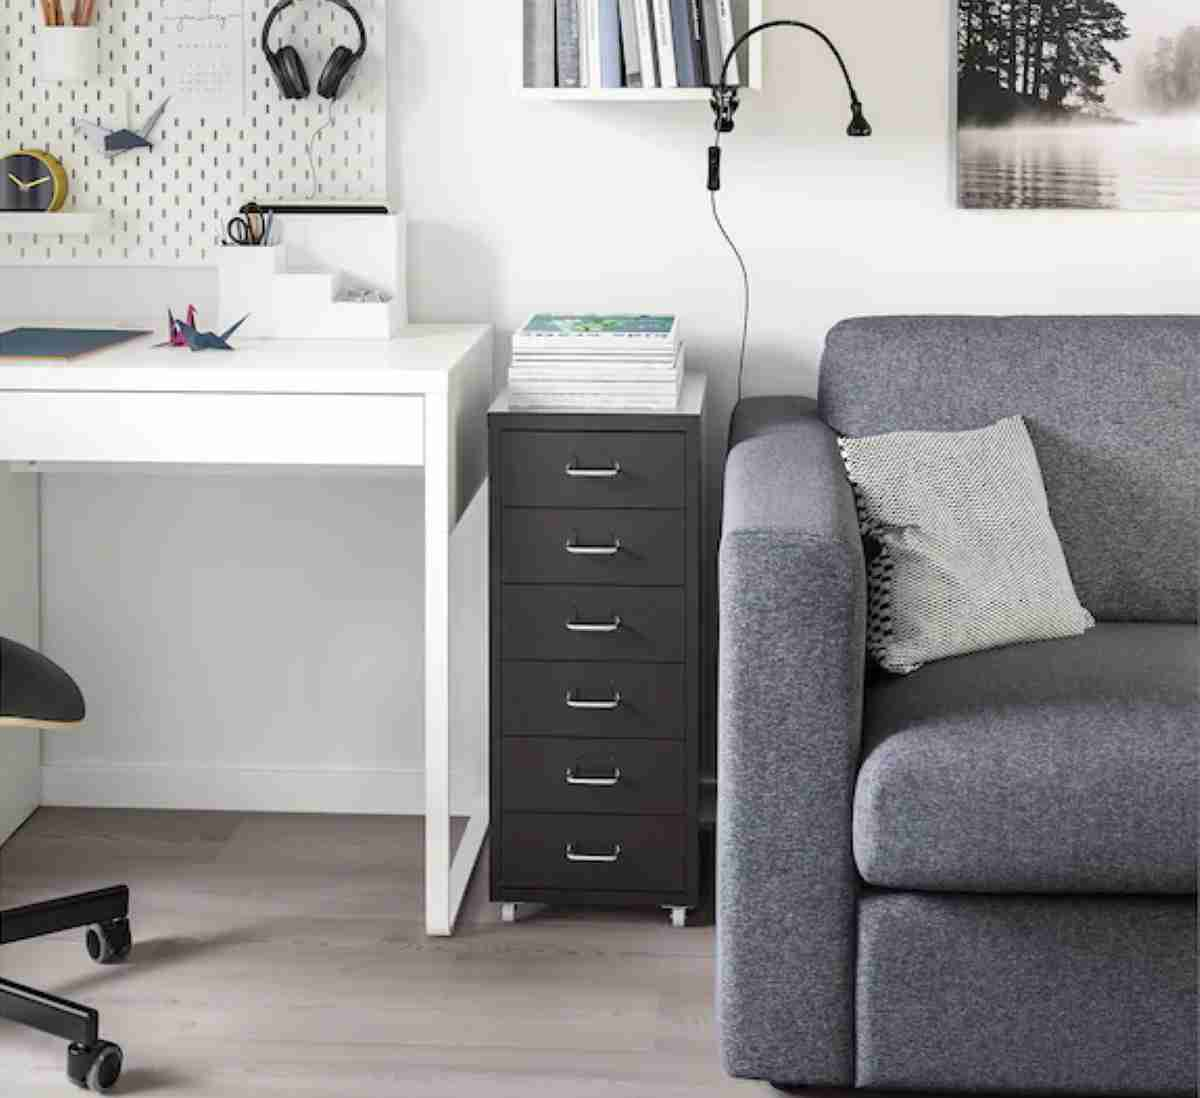 Cajoneras de Ikea en preciosos diseños para el hogar 4